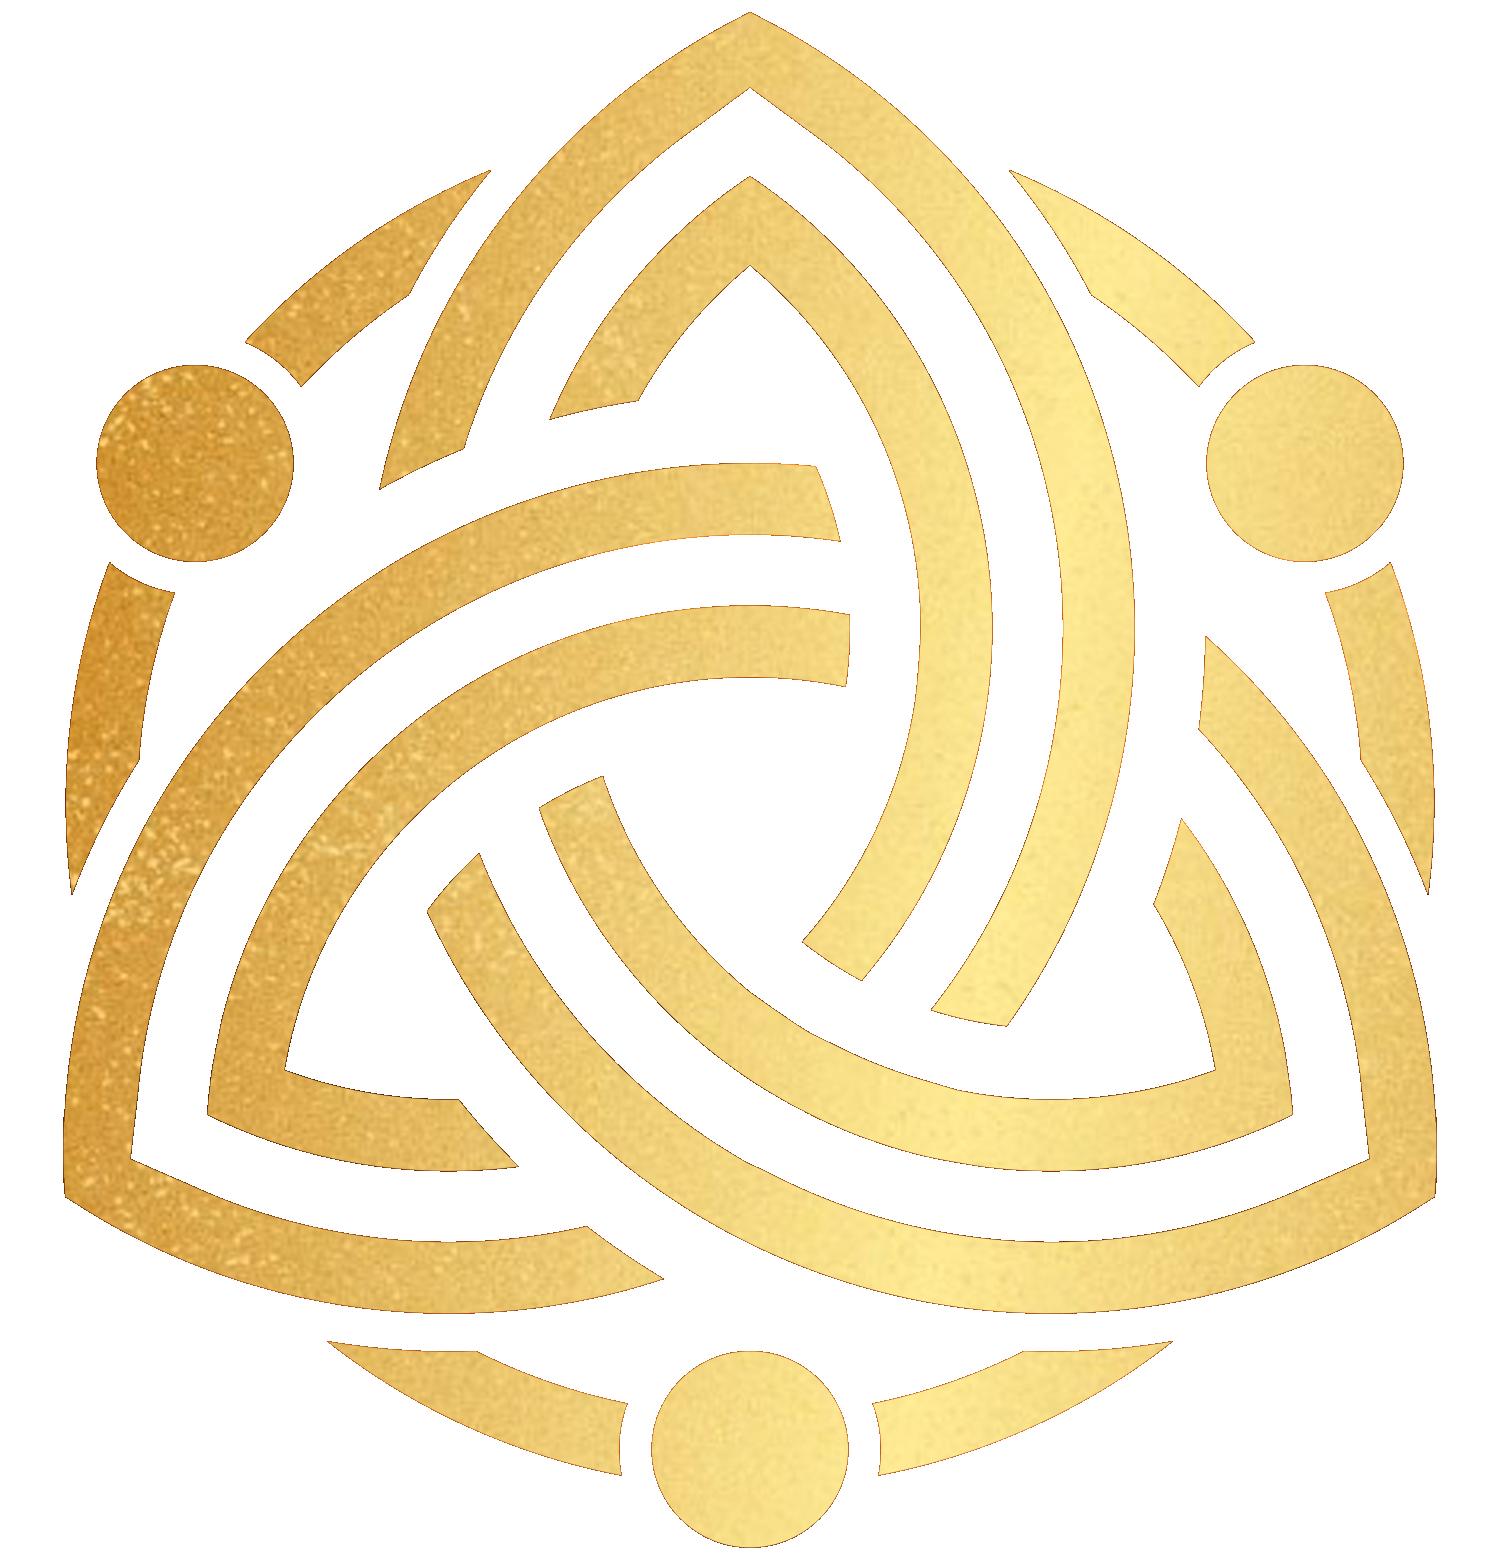 GLIUS-logo-gold